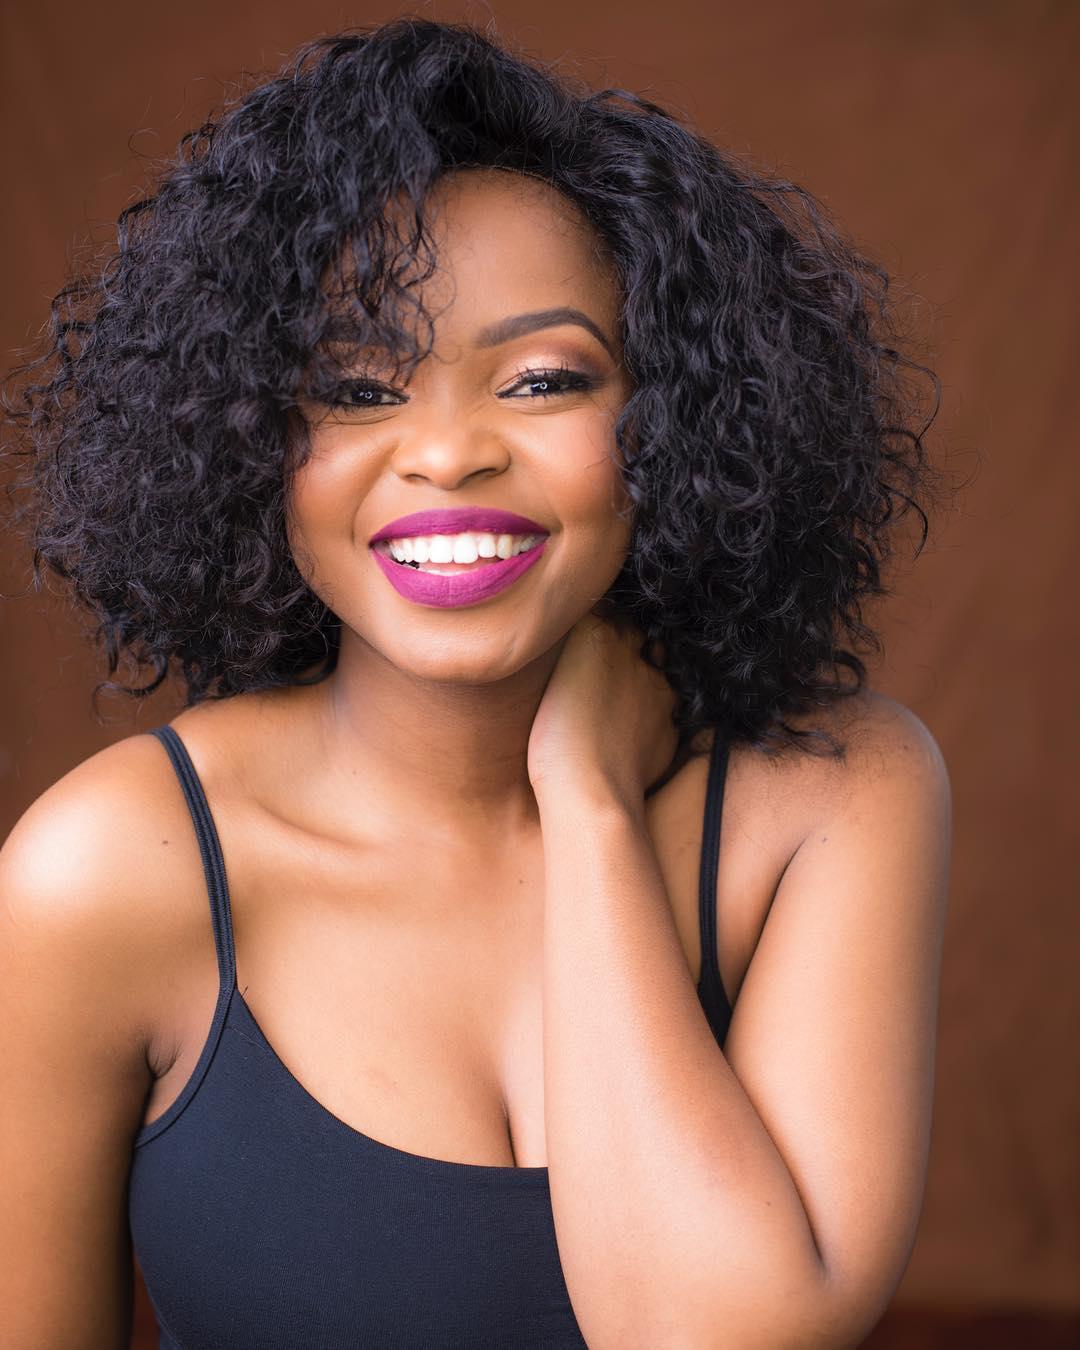 Londeka Mchunu | Mzansi365.co.za